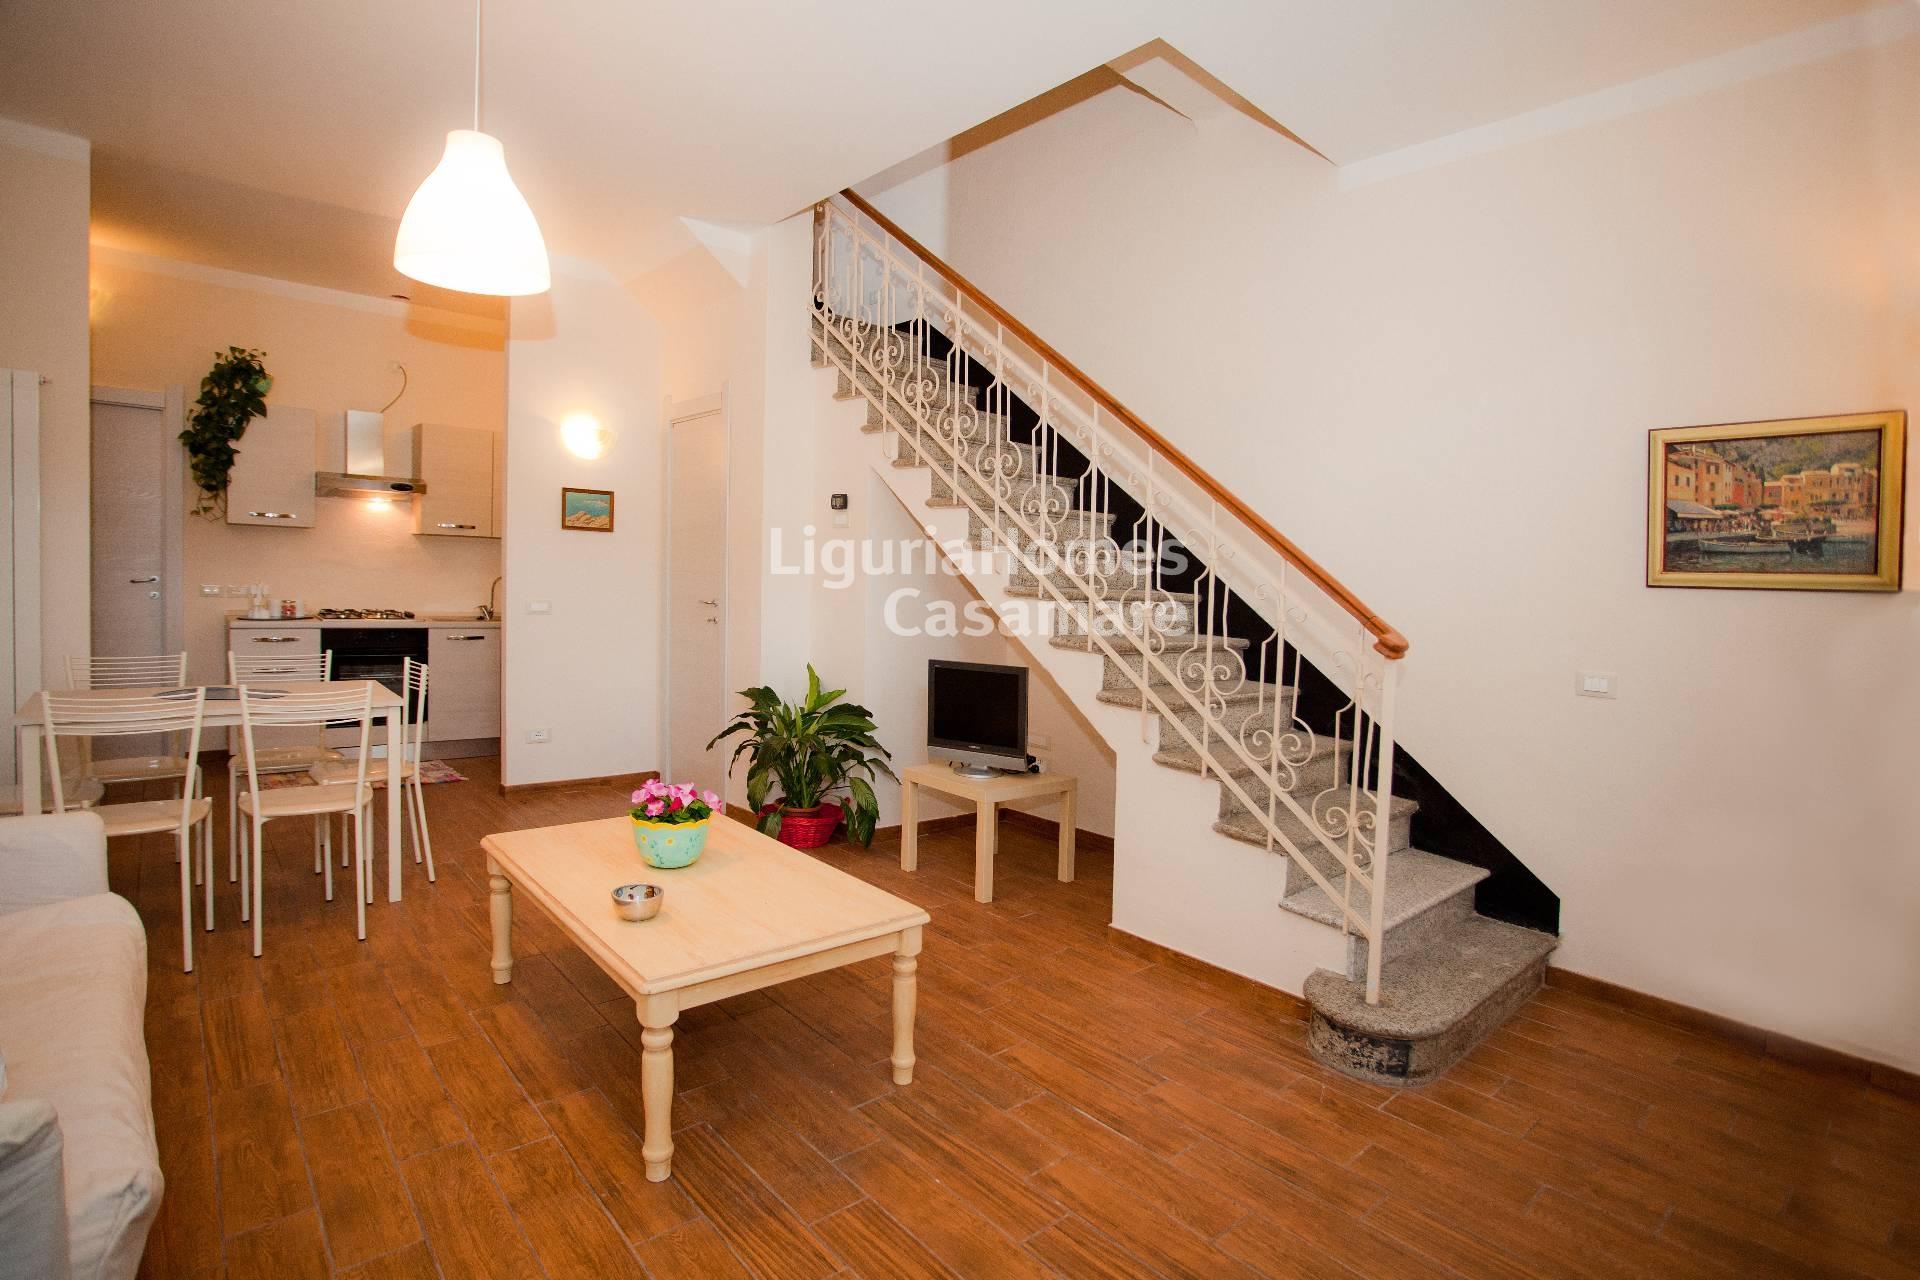 Appartamento in vendita a Albenga, 4 locali, prezzo € 270.000 | Cambio Casa.it